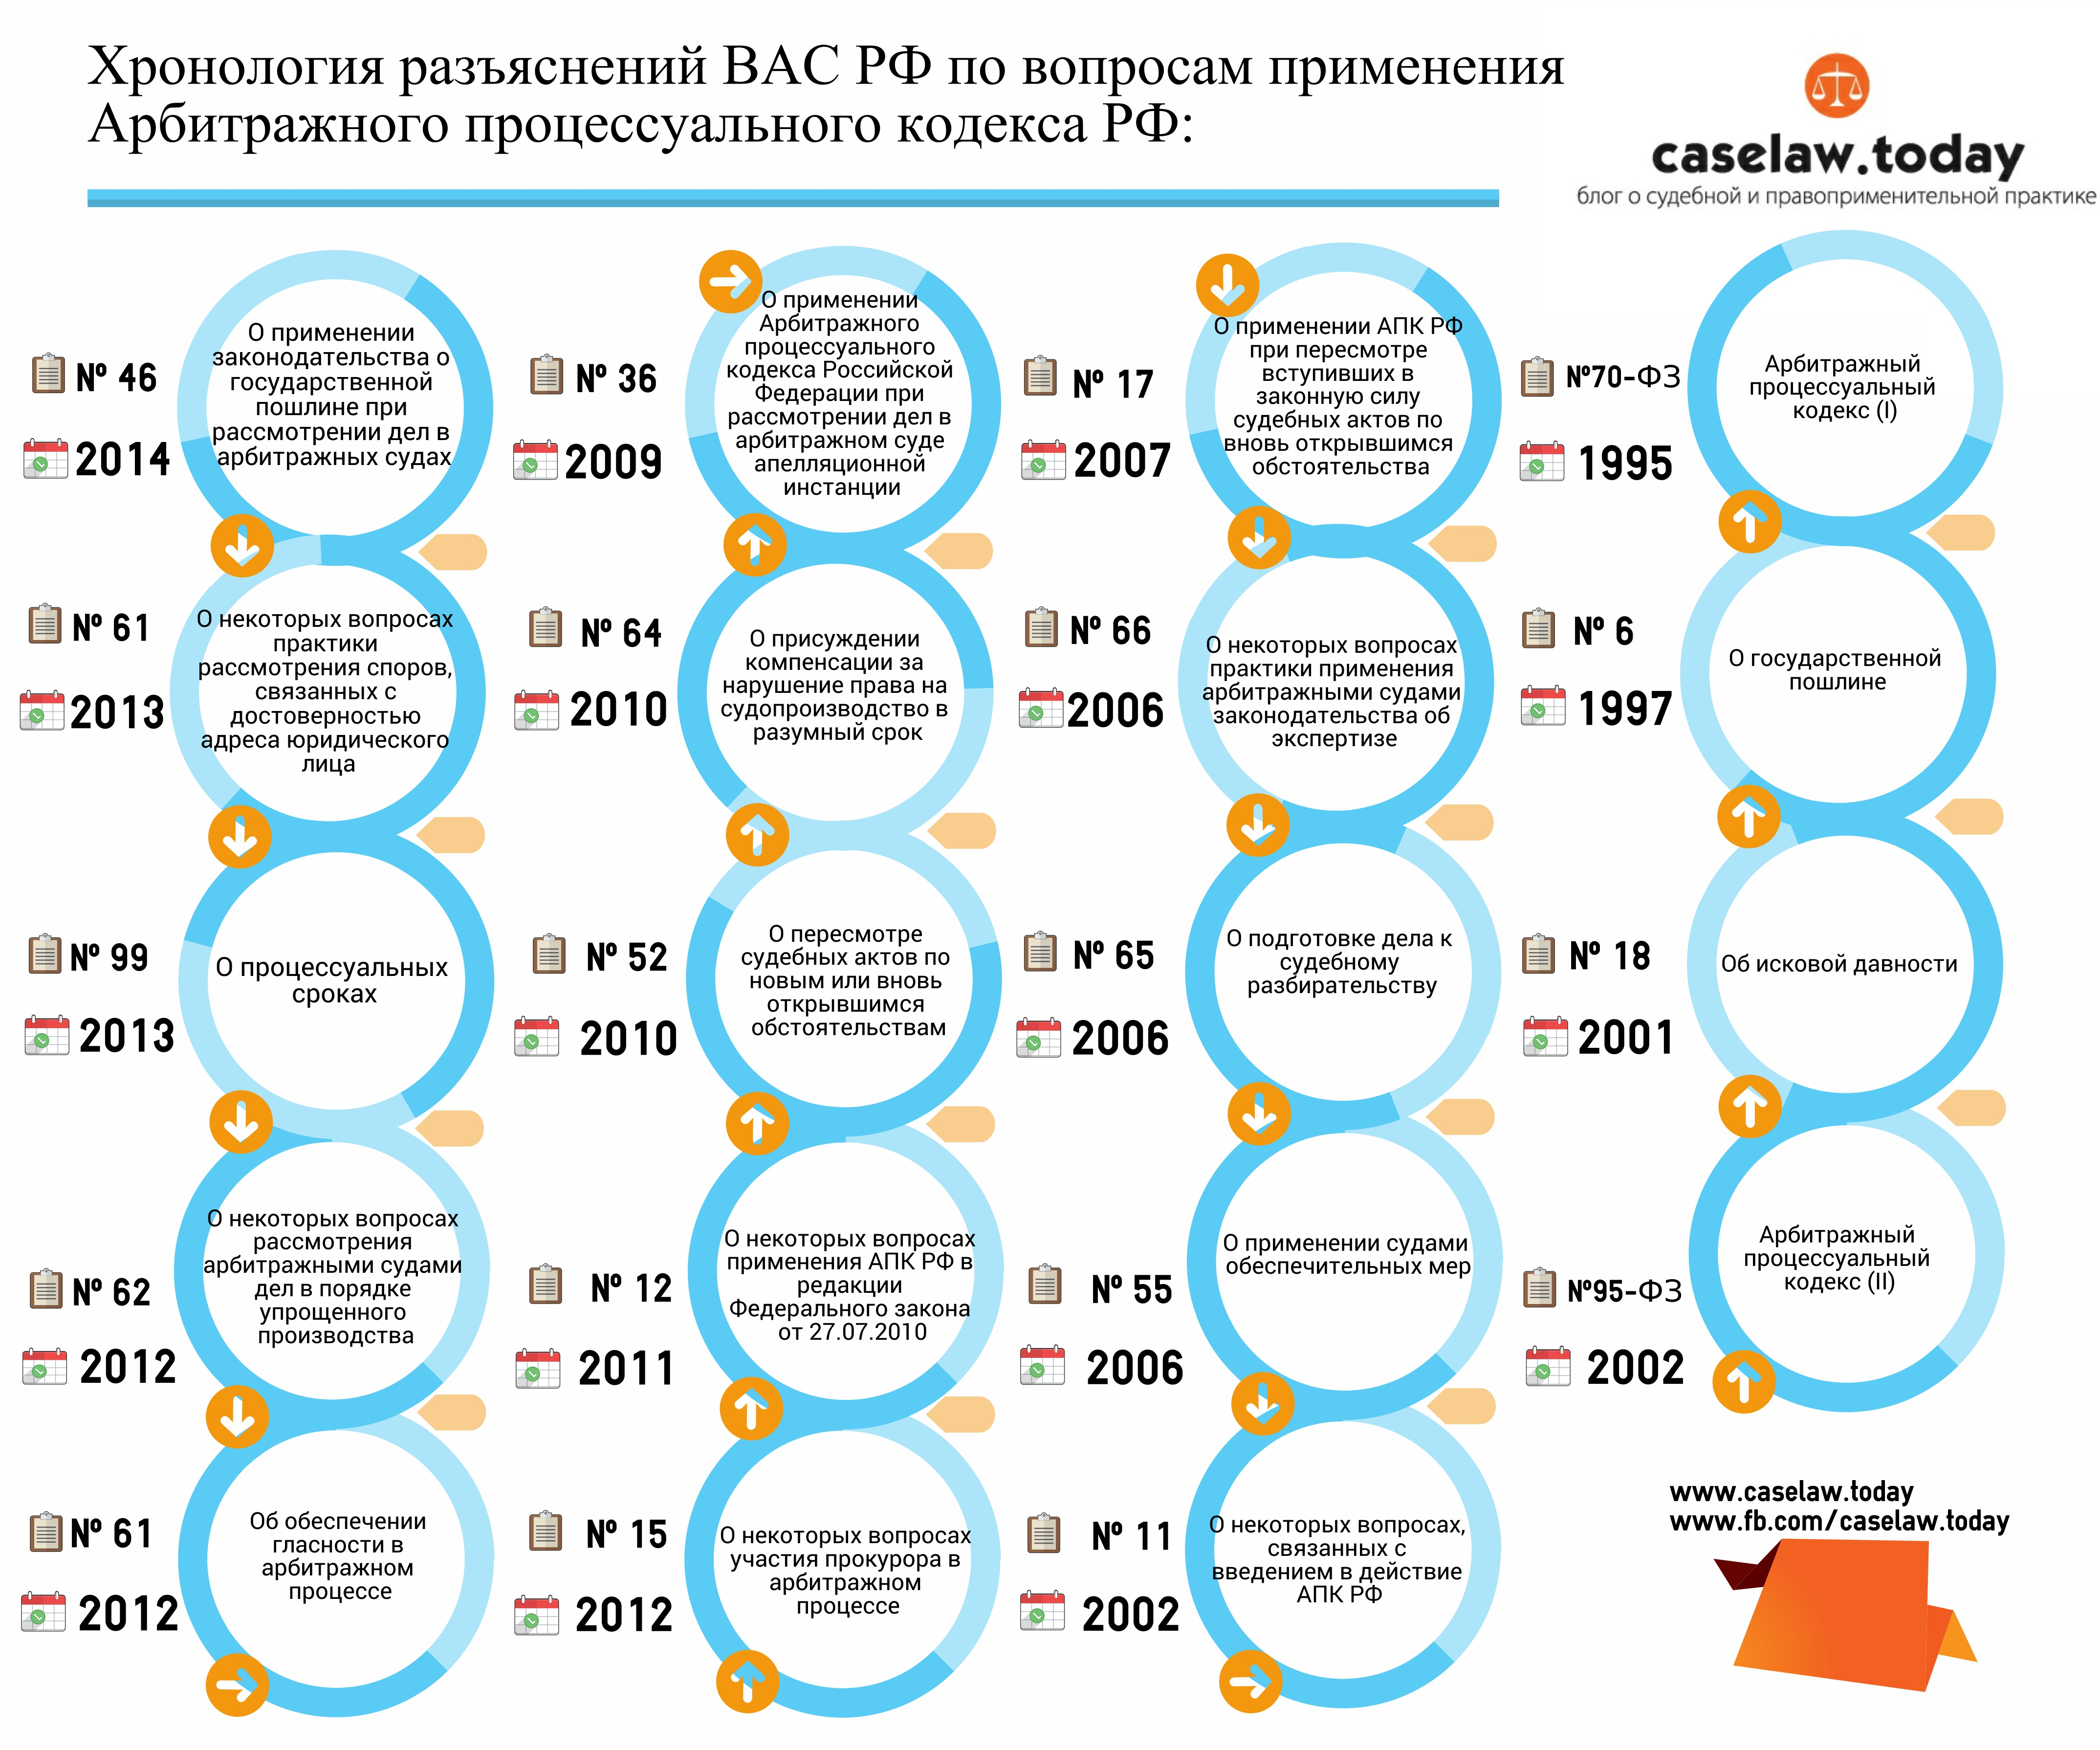 Инфографика. Разъясния ВАС РФ по арбитражному процессу.